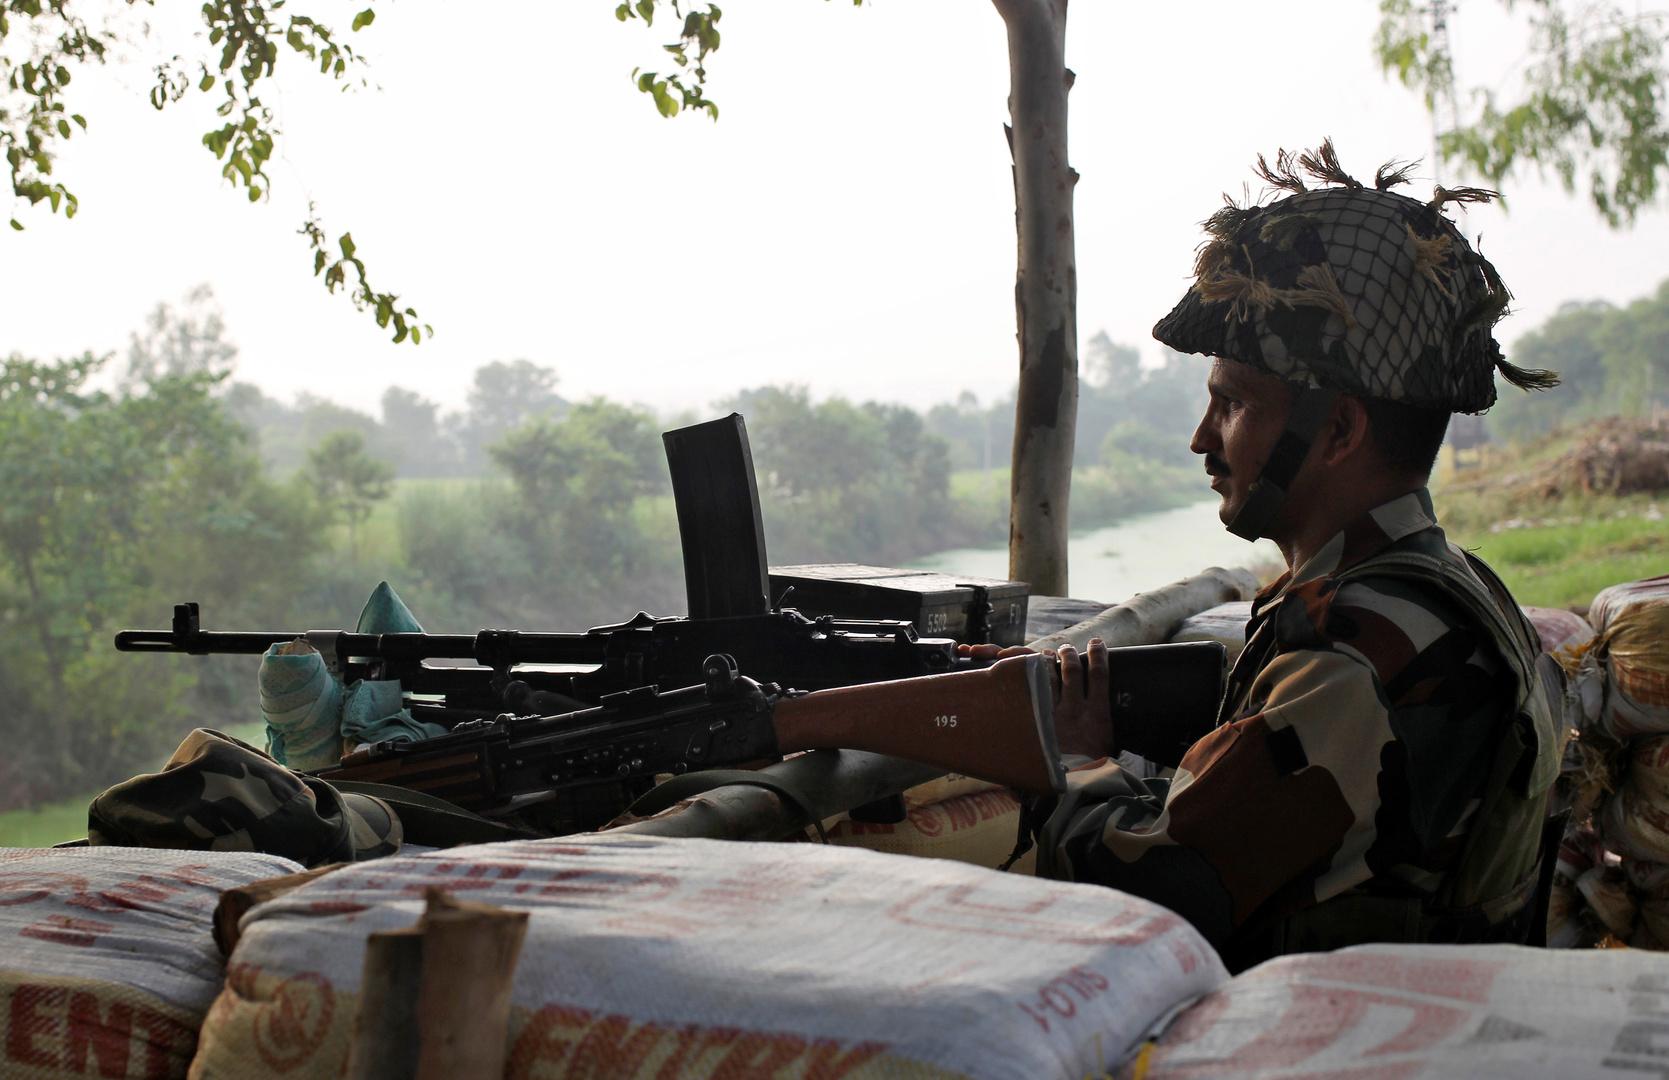 الصين والهند تسحبان قواتهما من خط المواجهة في لاداخ وتعودان إلى طاولة المفاوضات